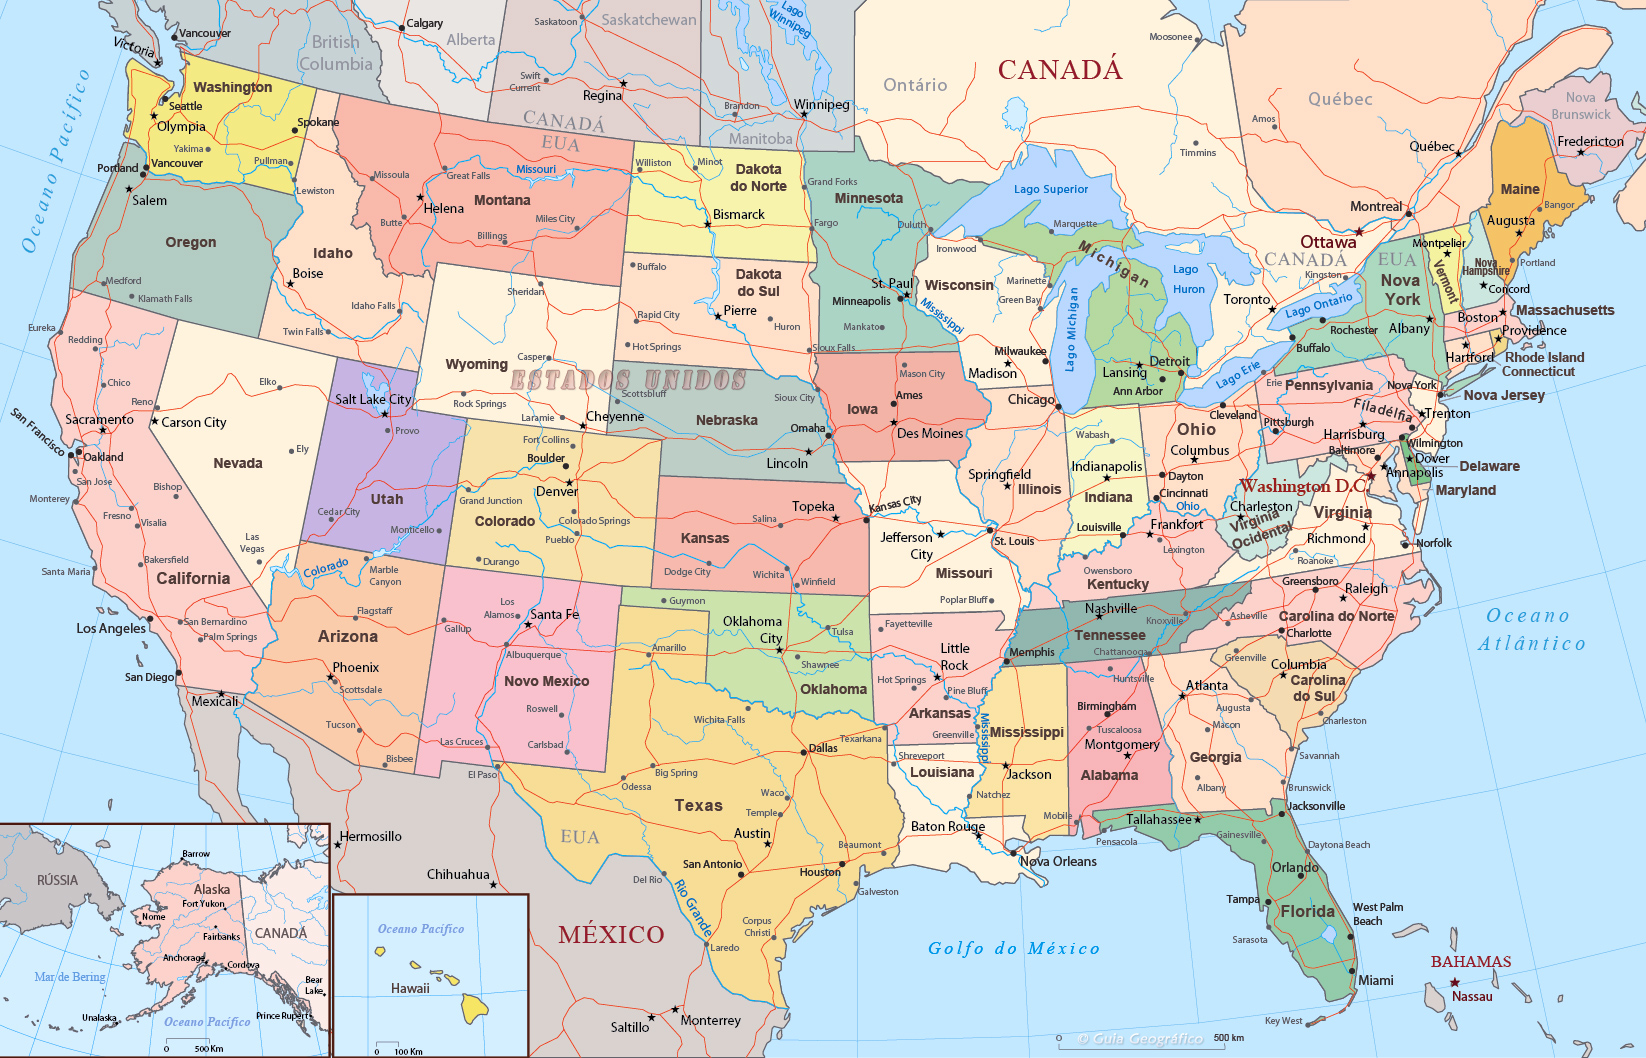 Mapa Politico Dos Estados Unidos